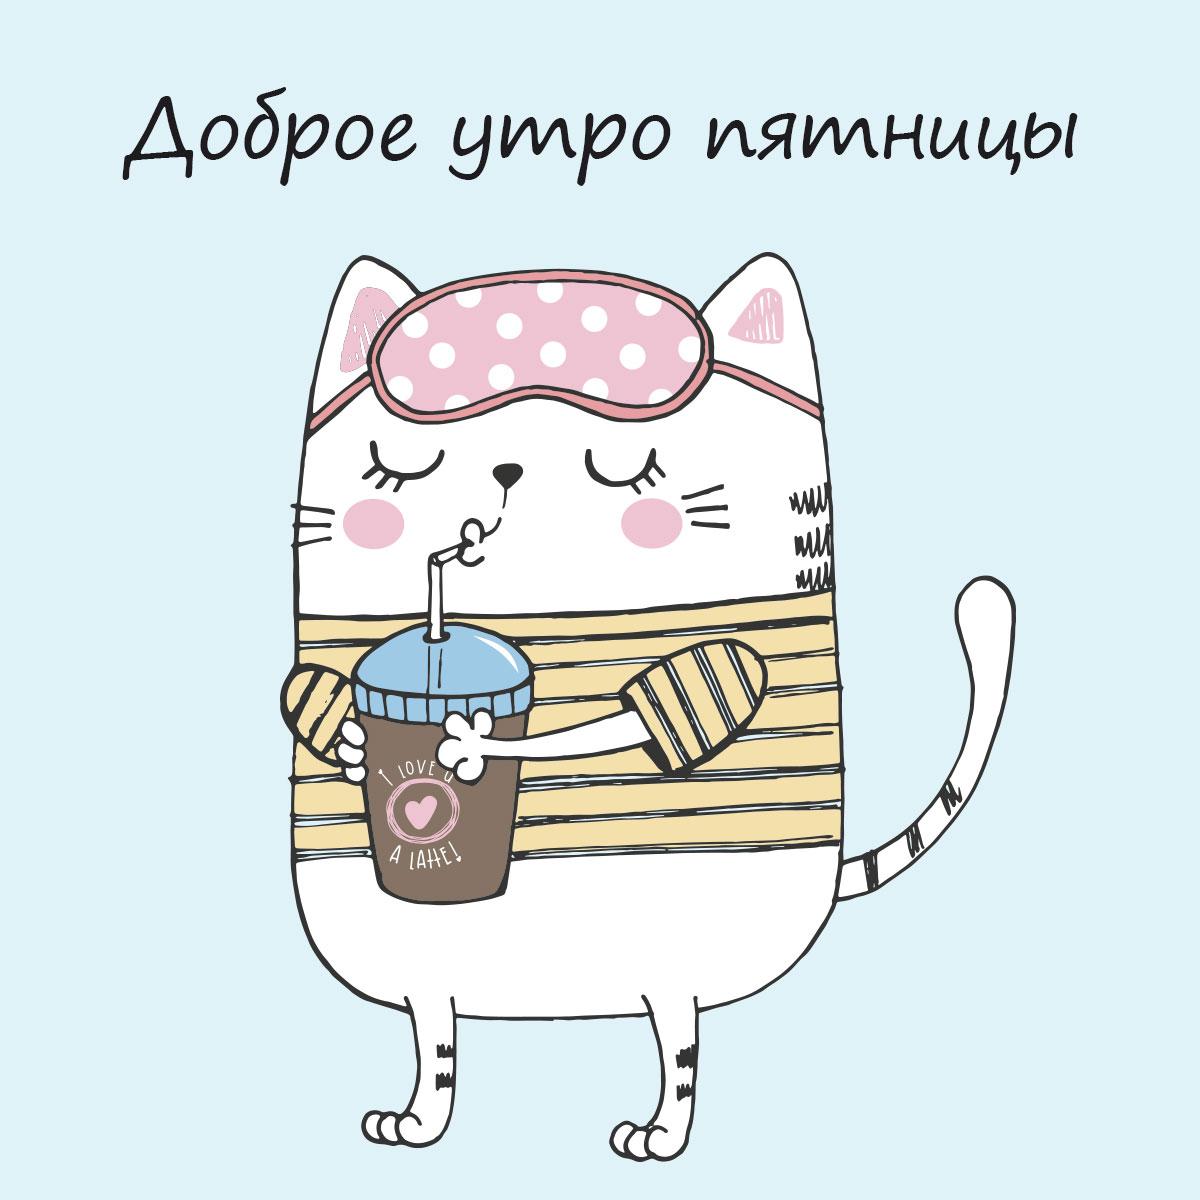 Картинка с текстом доброе утро пятницы: рисунок довольного кота в розовой повязке для сна со стаканом кофе.